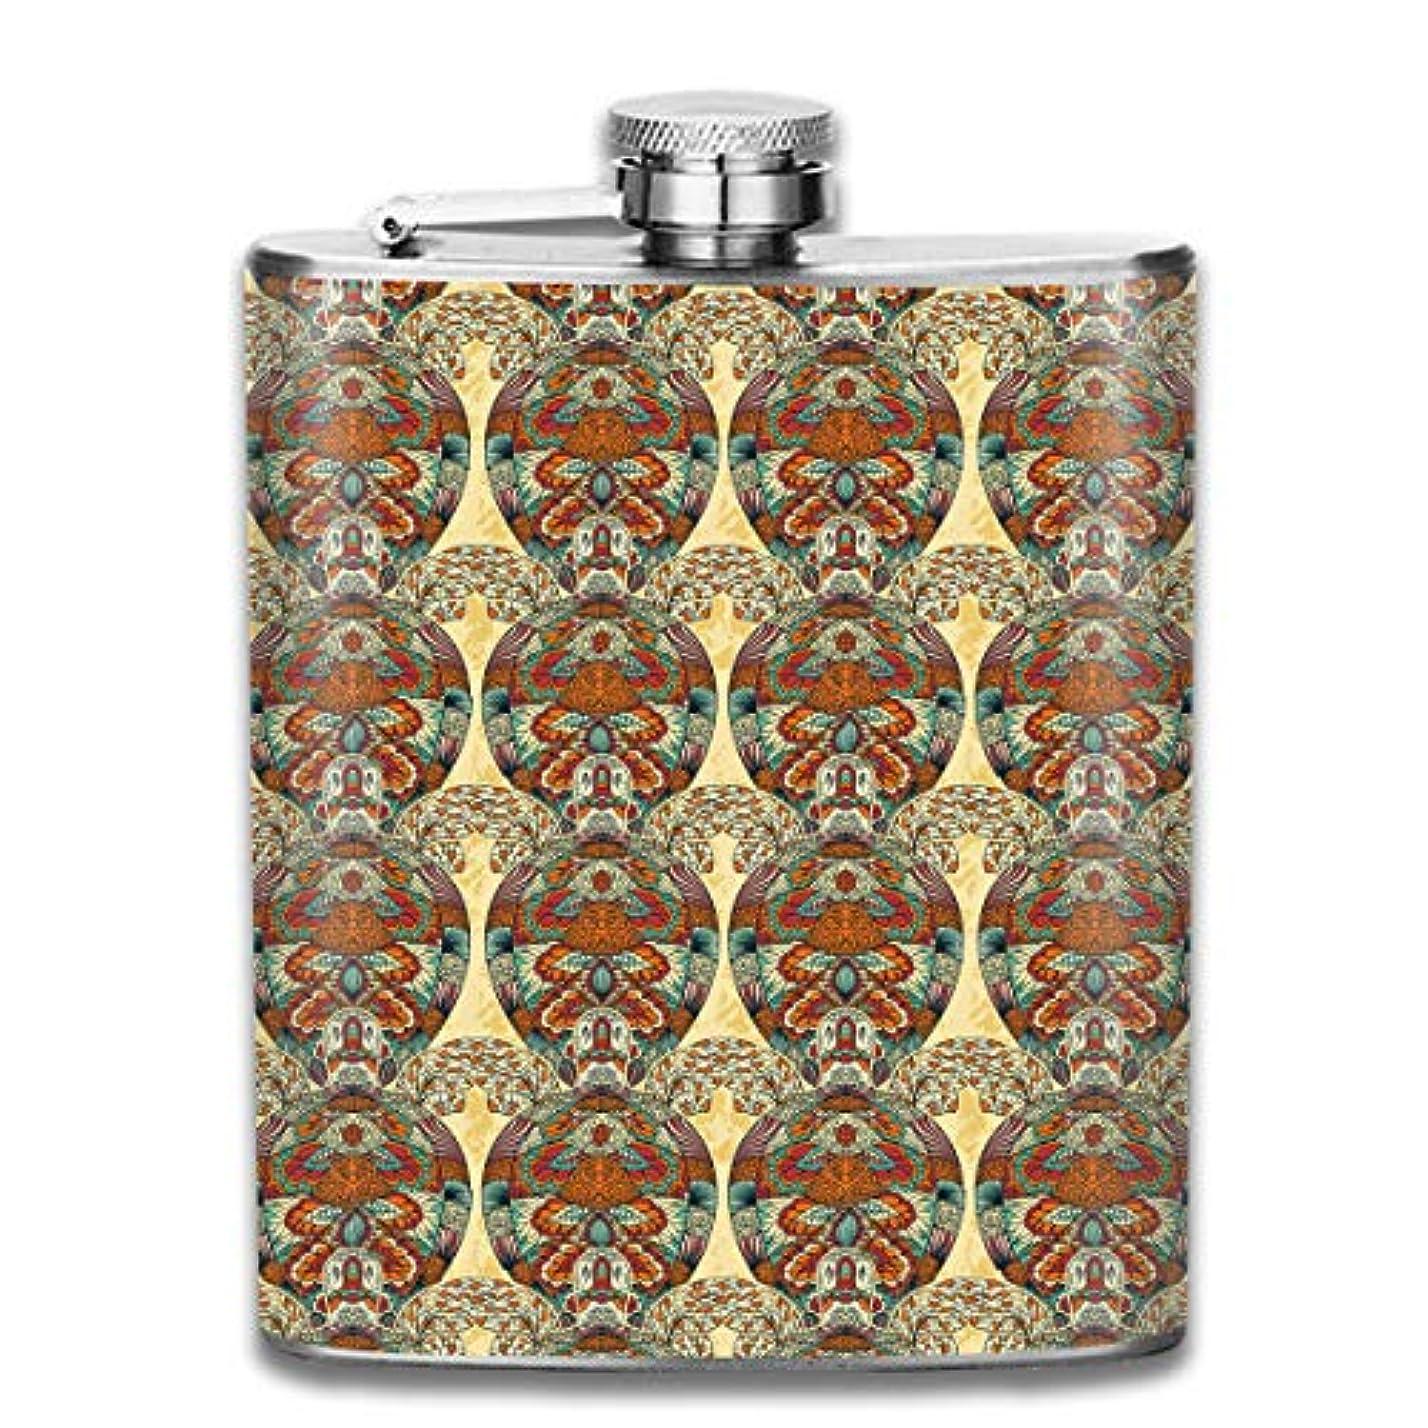 文句を言う黒メリー亀の花の模様 フラスコ スキットル ヒップフラスコ 7オンス 206ml 高品質ステンレス製 ウイスキー アルコール 清酒 携帯 ボトル